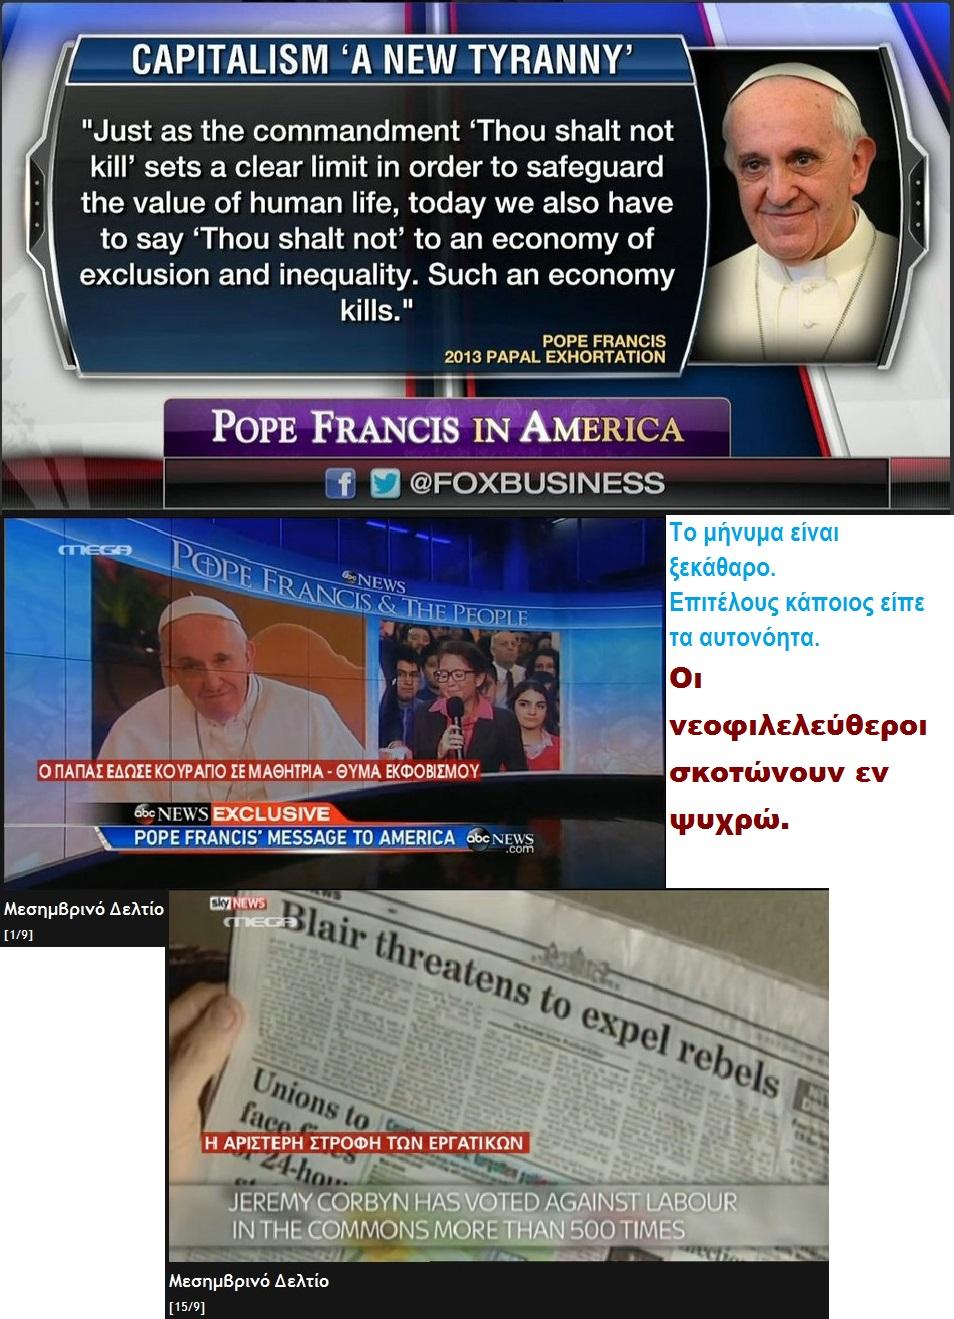 USA POPE FRANCIS CONGRESS POLITICO CAPITALISM 01 270915